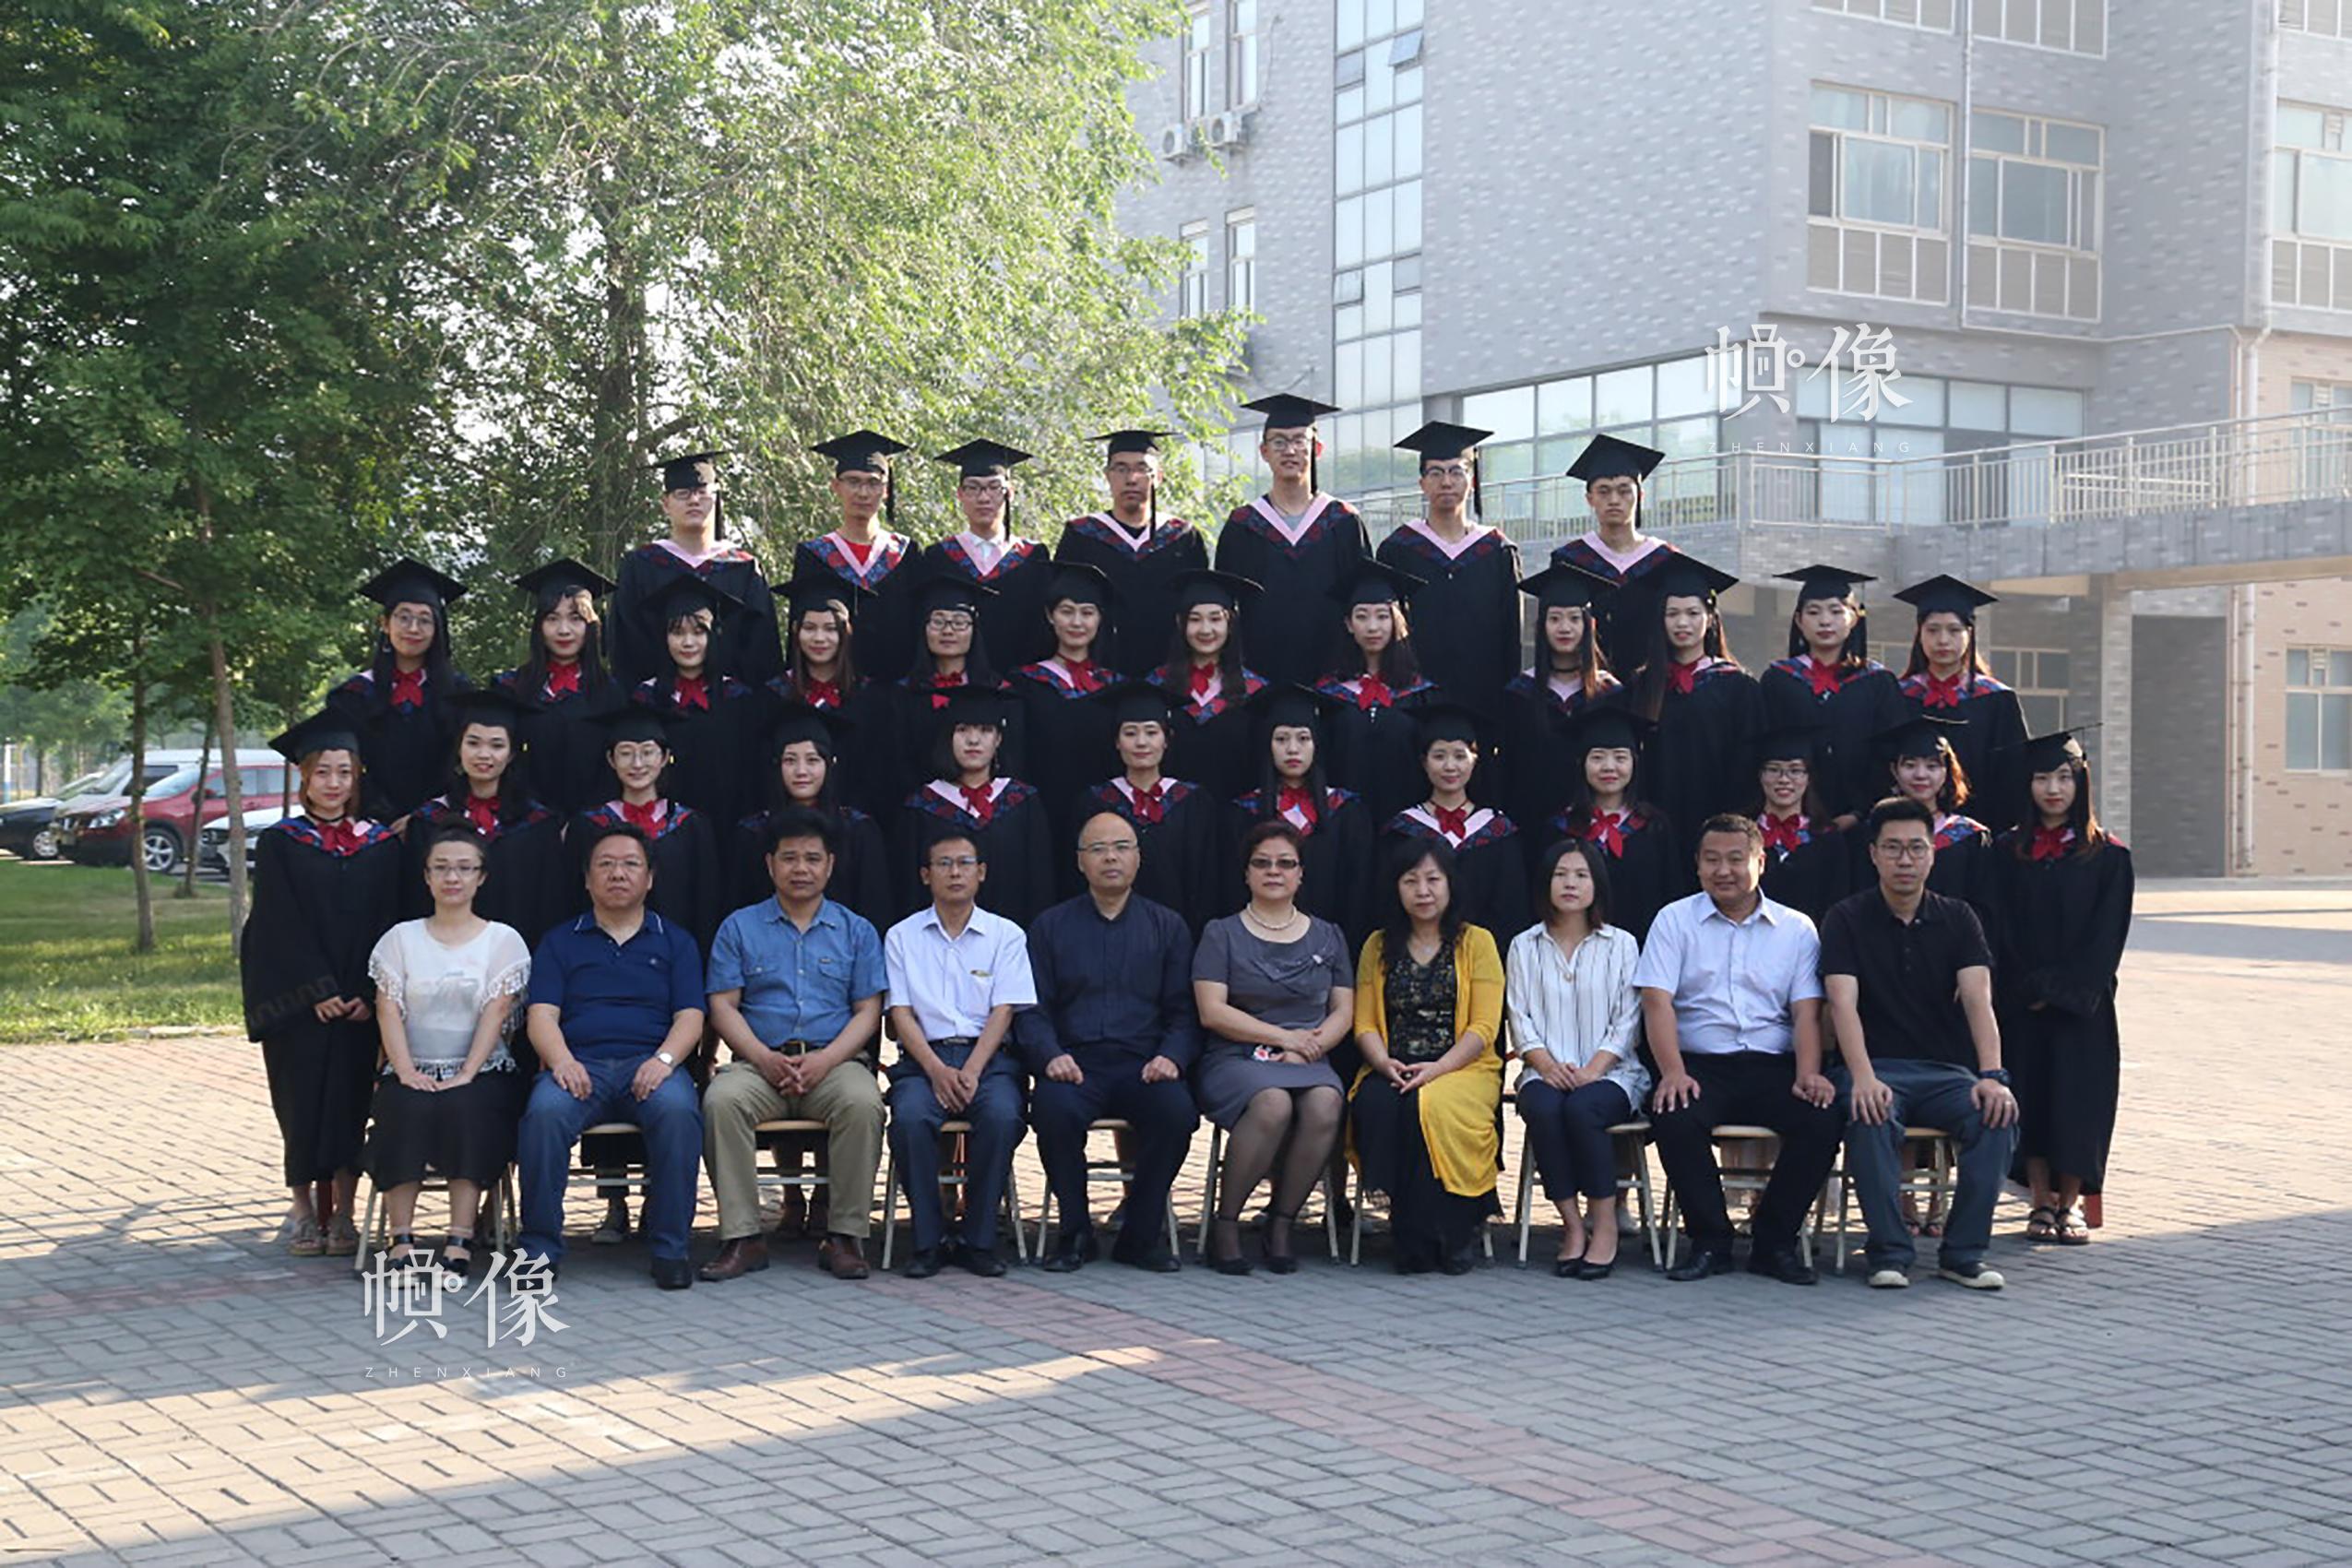 2017年5月,河北科技大学新闻系王鑫(后排从左至右第五位)毕业合影。